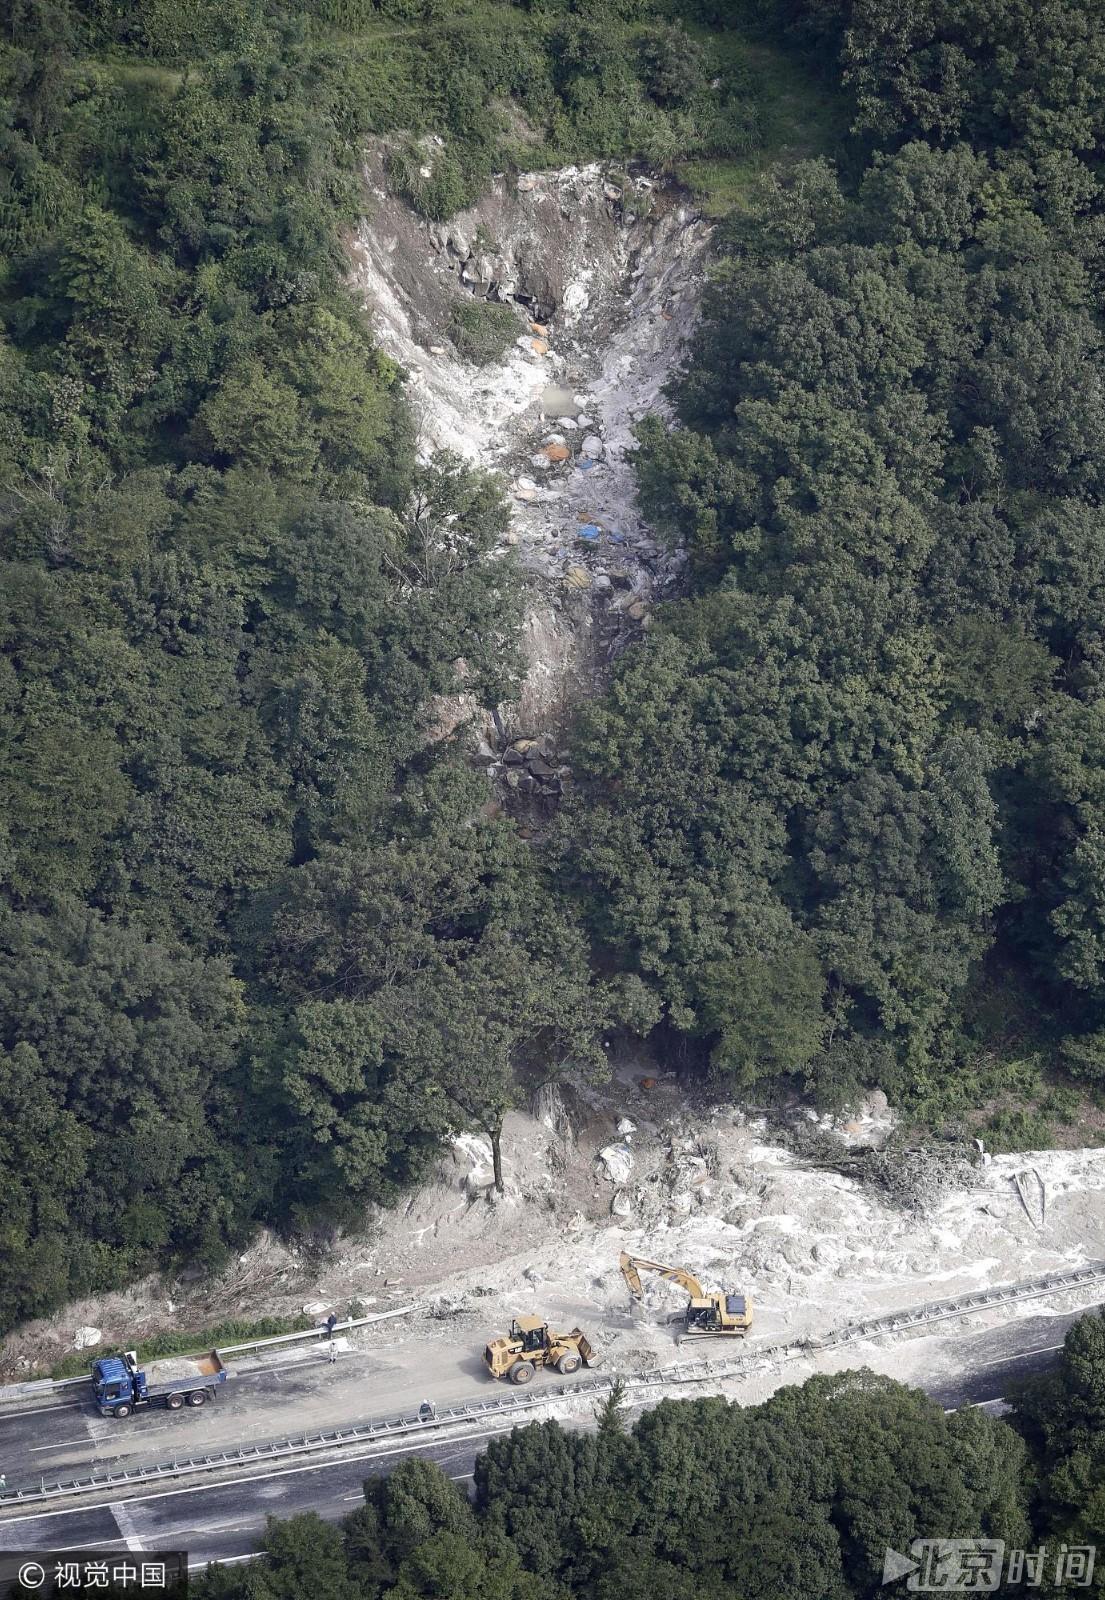 日本岐阜县高速遭泥石流袭击   6人受伤